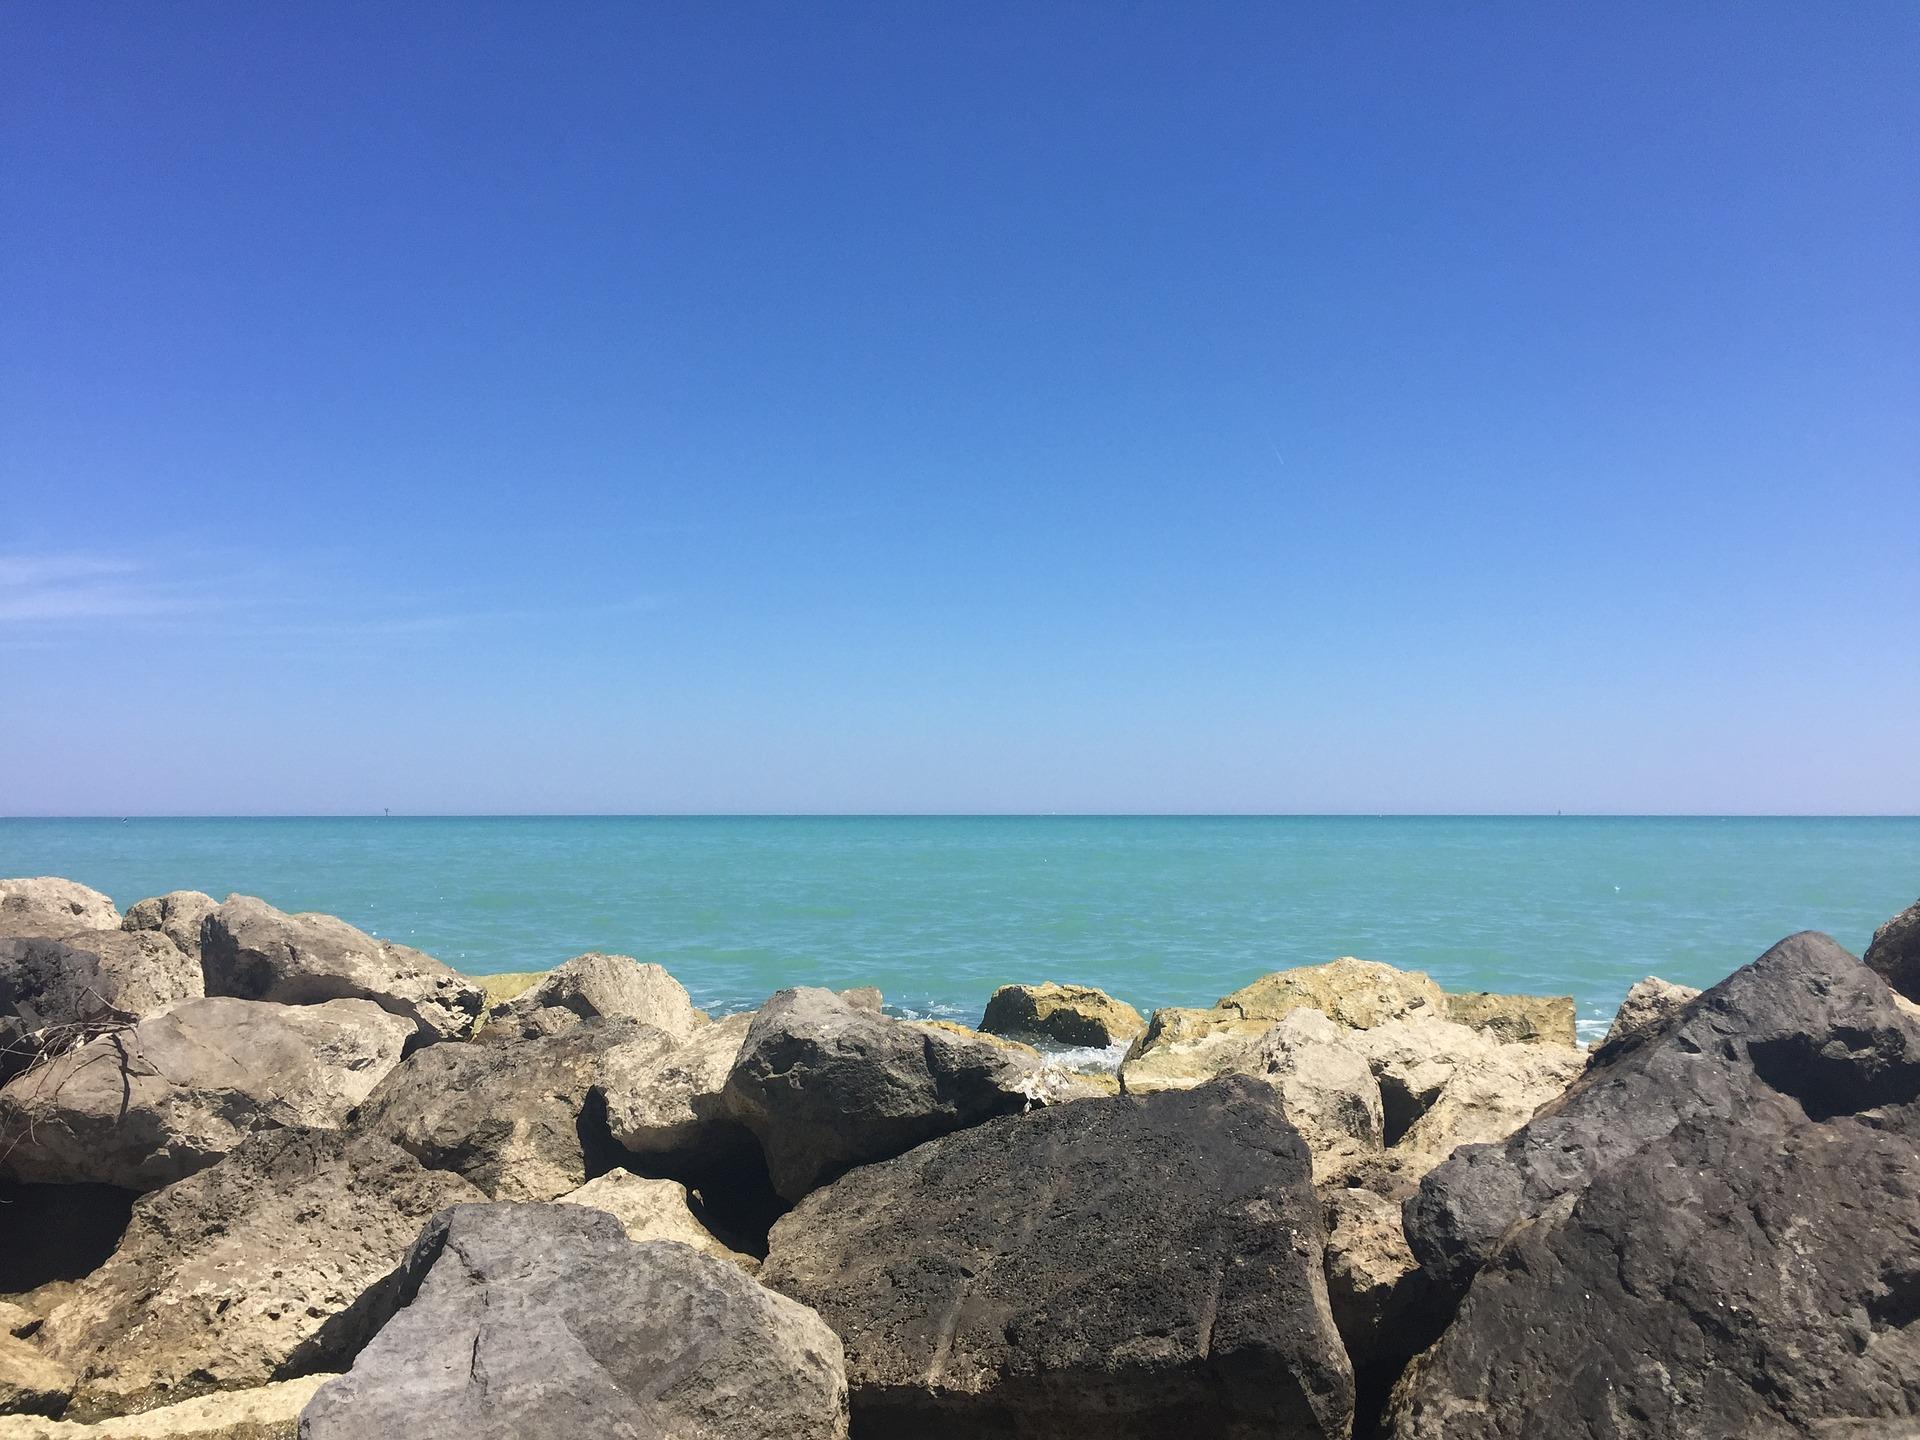 The Abruzzo Coast